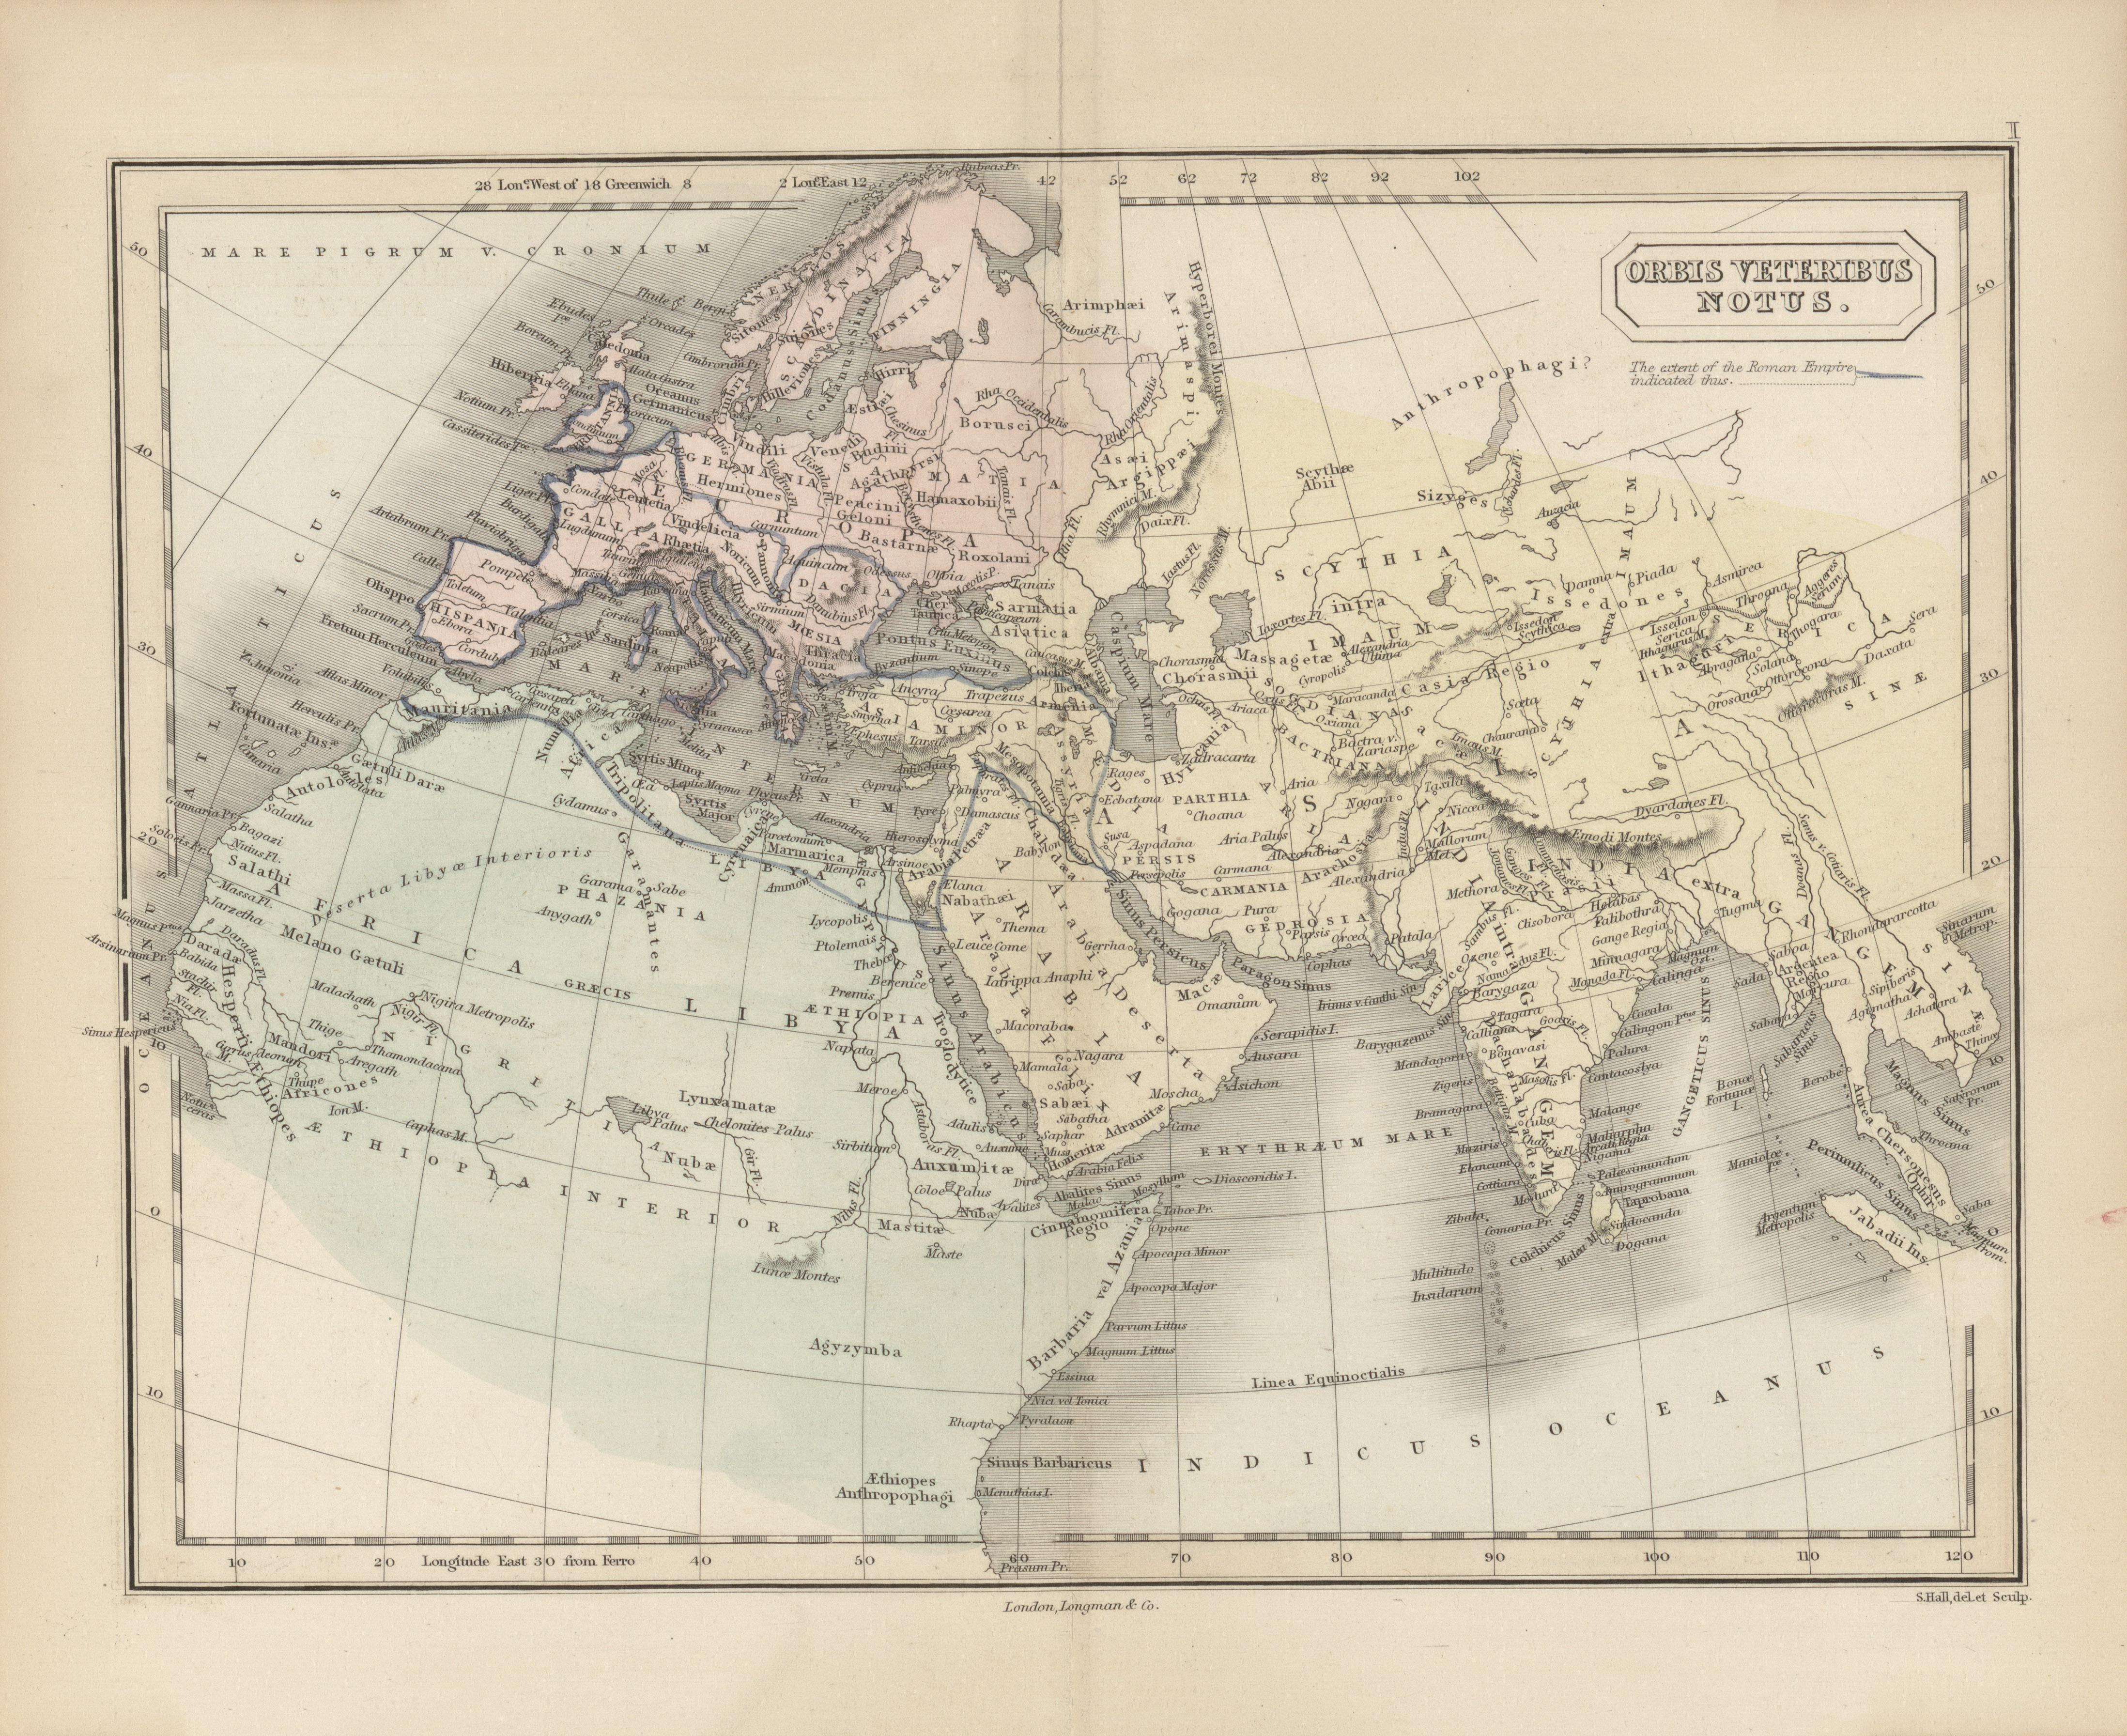 Txu Pcl Maps Oclc Orbis Veteribus Notus